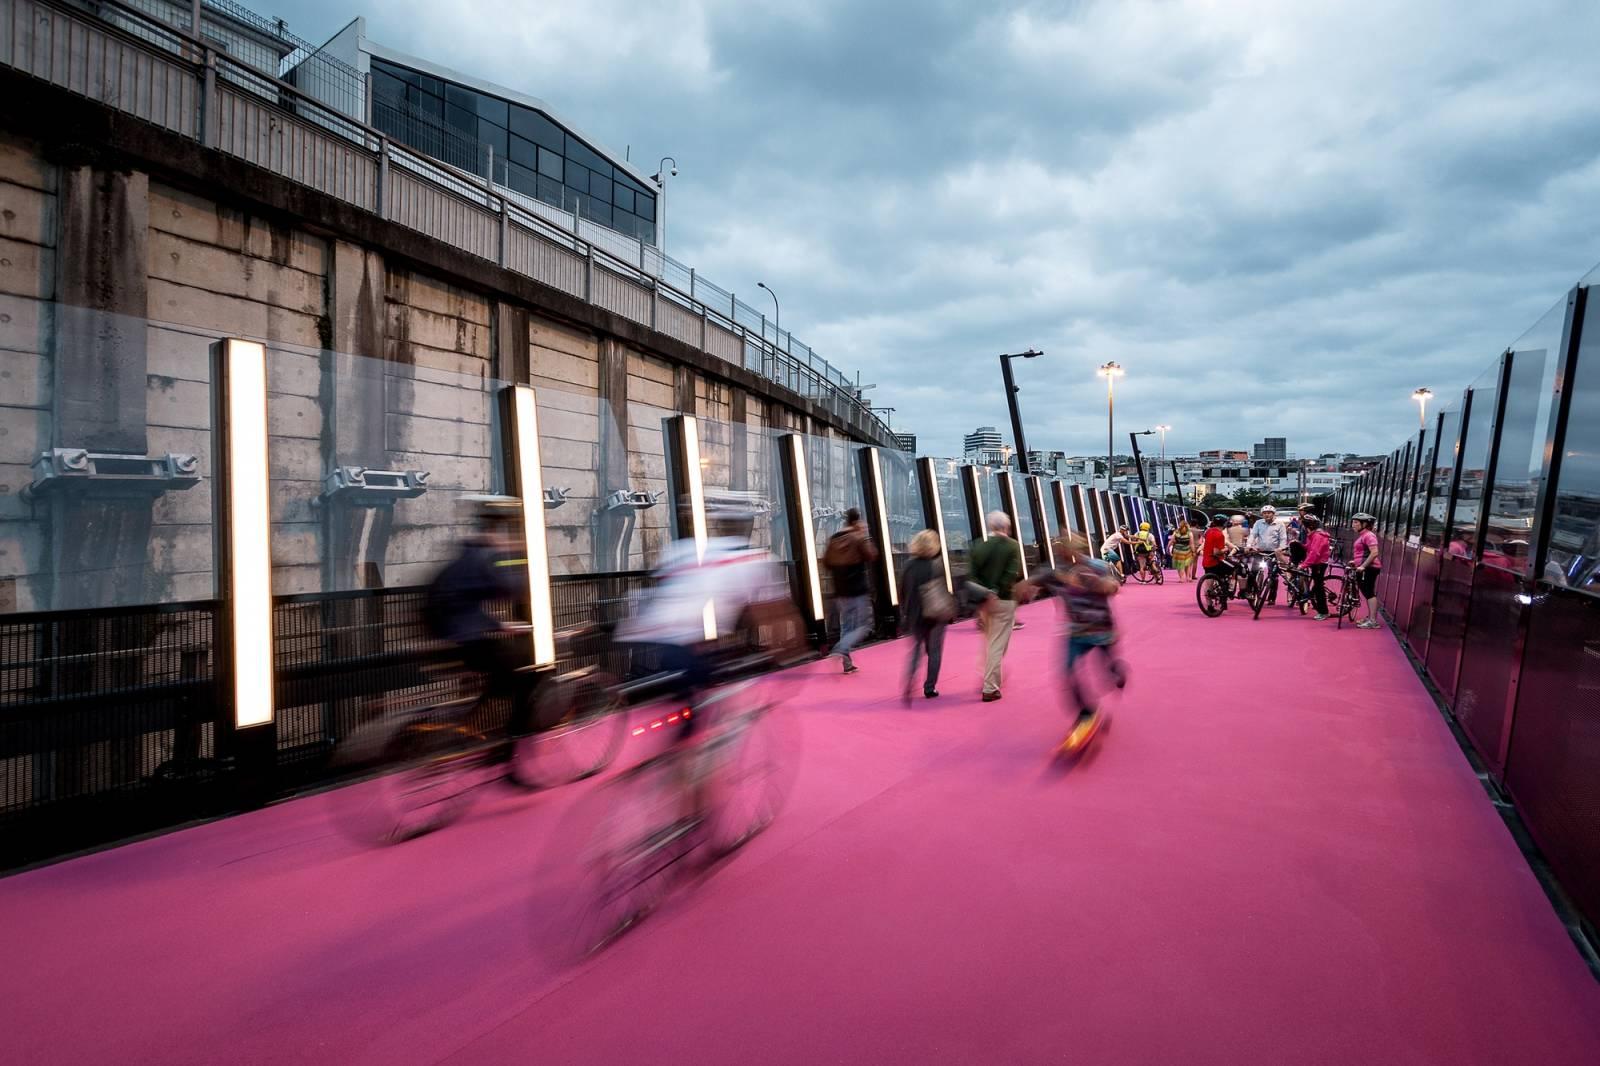 La nuova pista ciclabile rosa della Nuova Zelanda